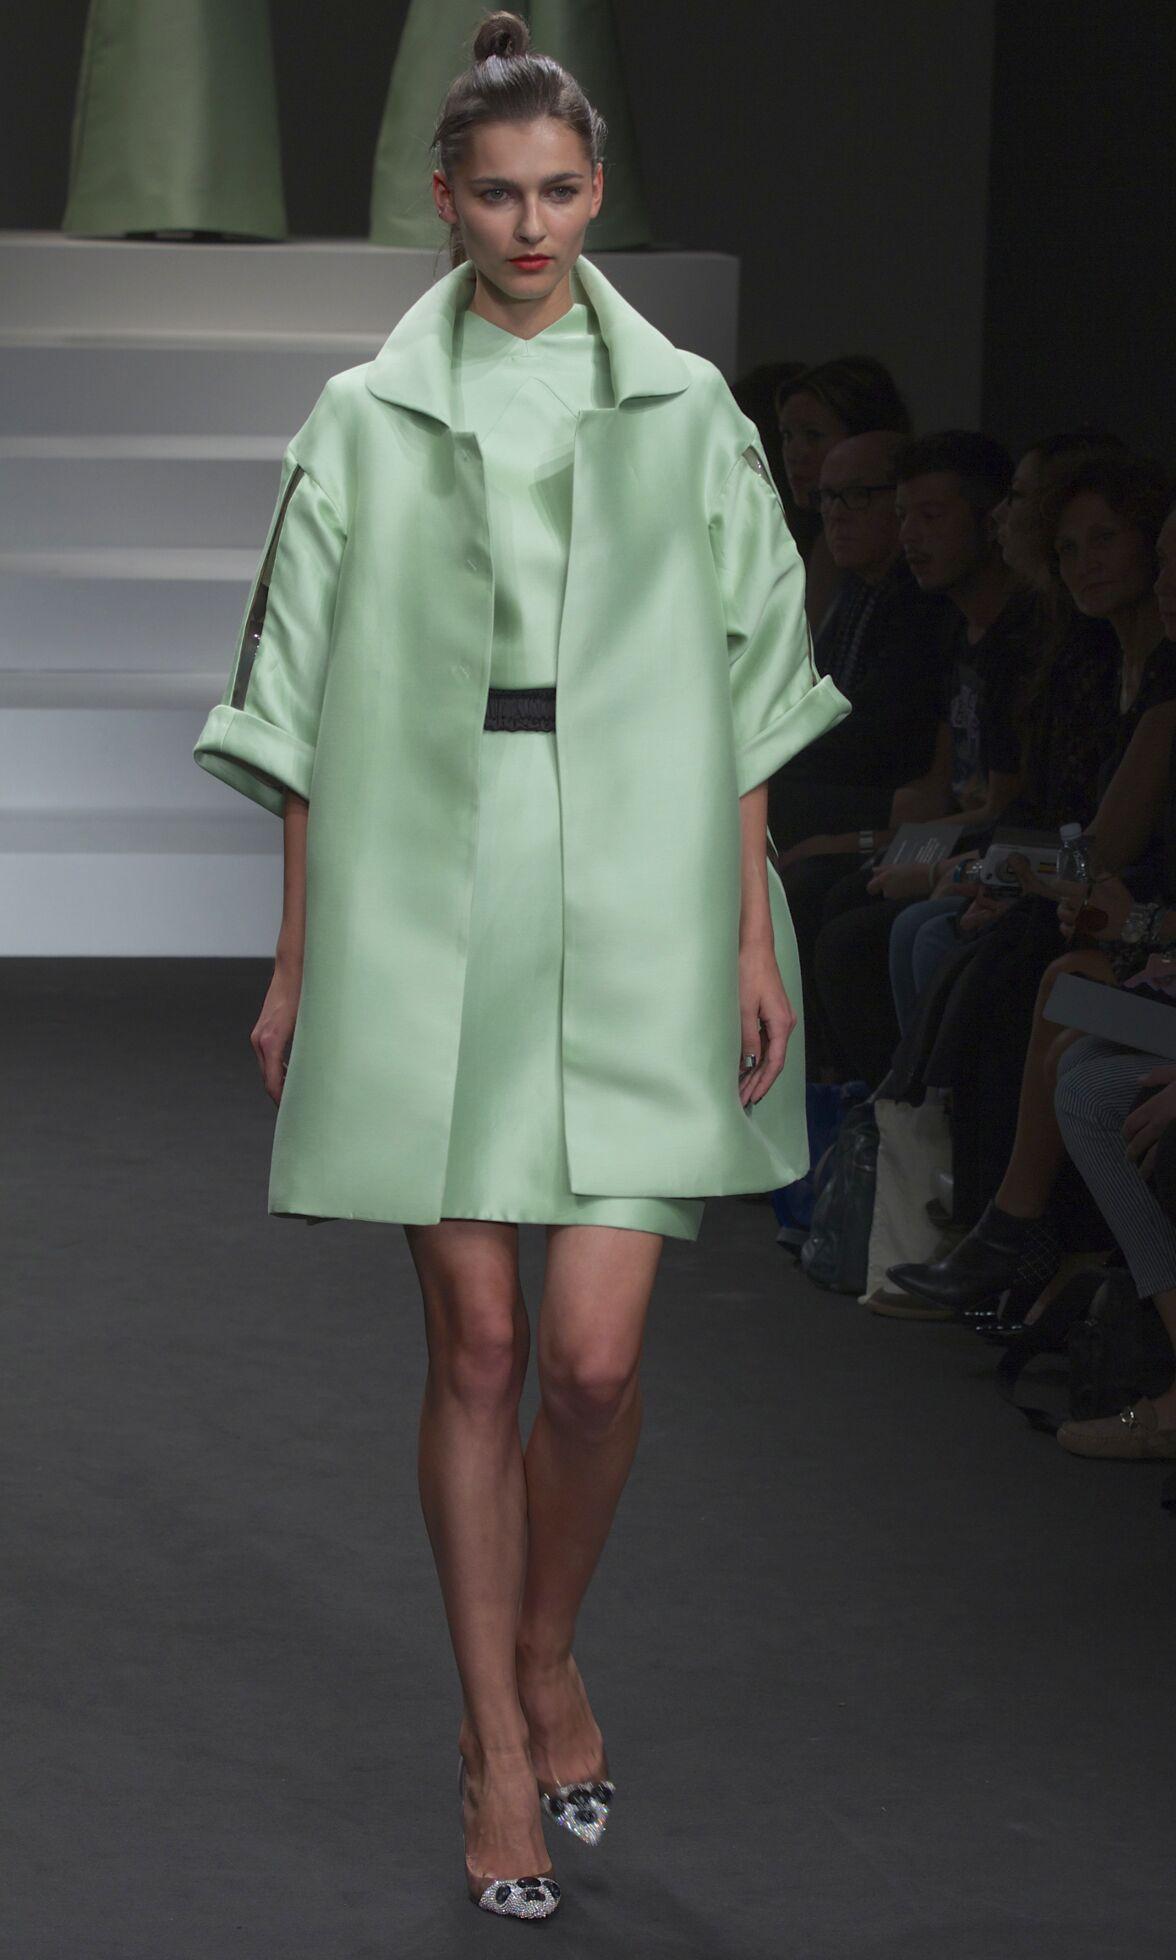 Spring 2014 Fashion Trends Jo No Fui